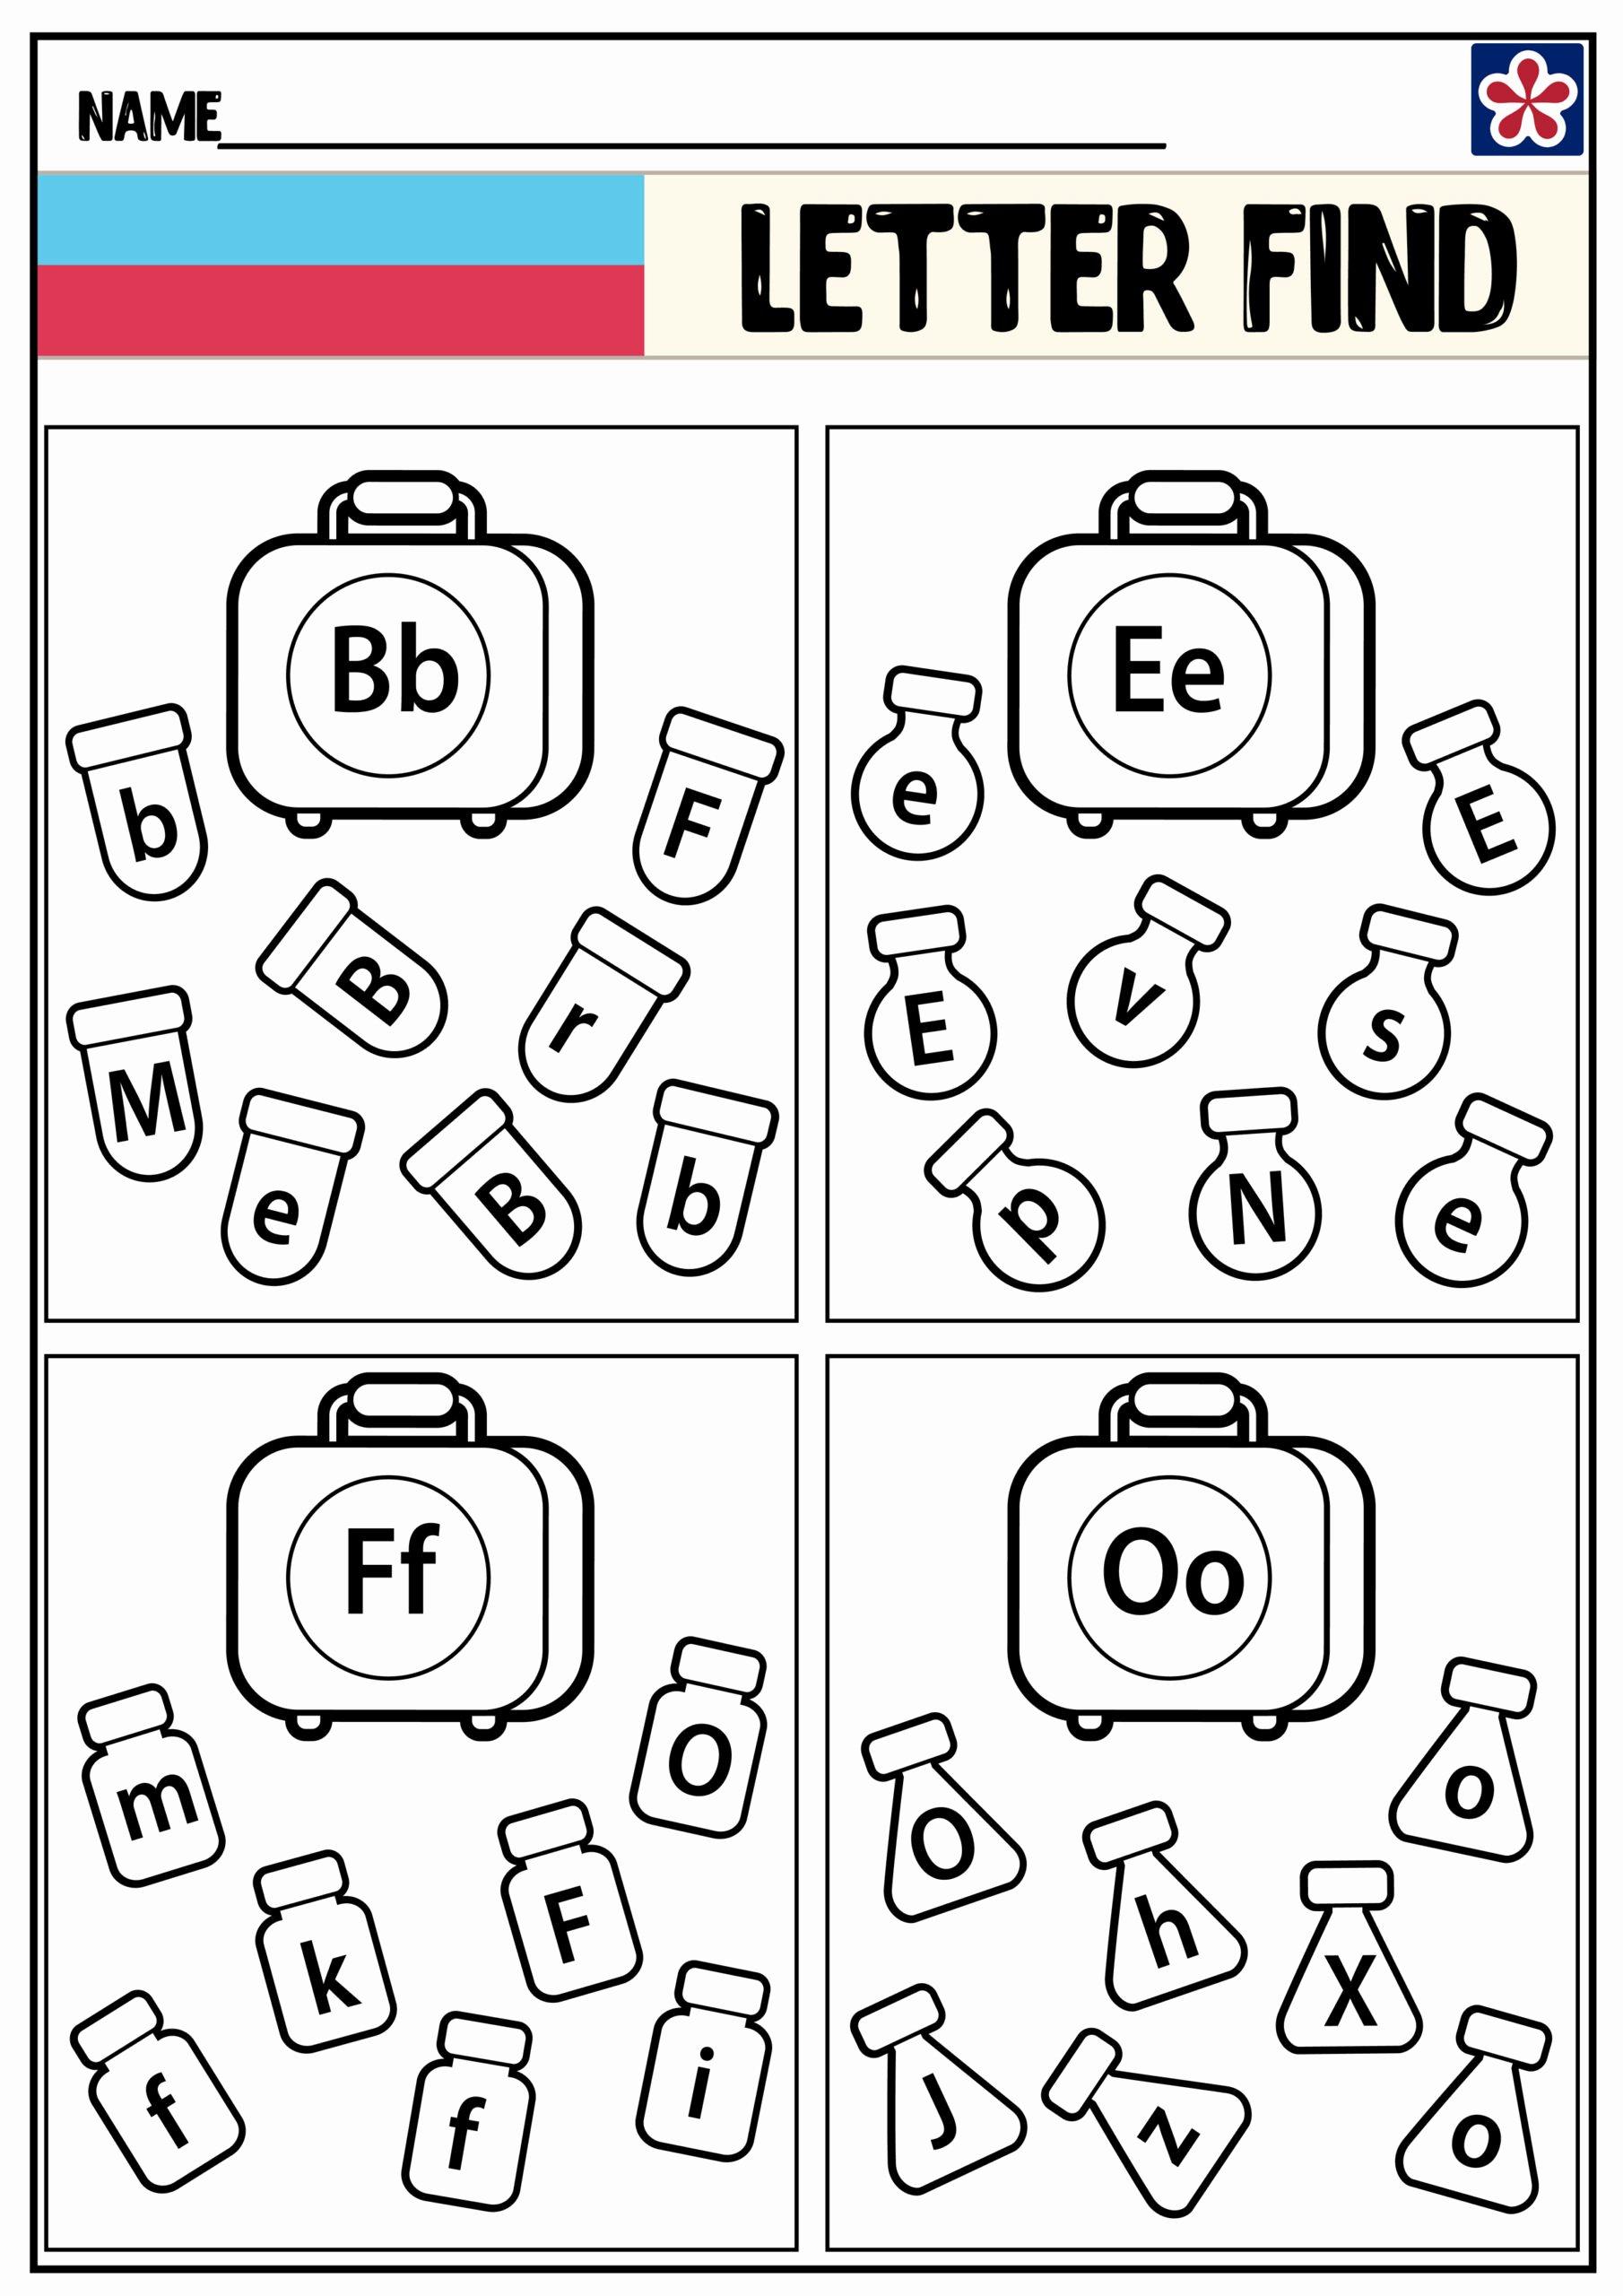 Community Helpers Worksheets for Preschoolers Awesome 51 astonishing Preschool Worksheets Munity Helpers